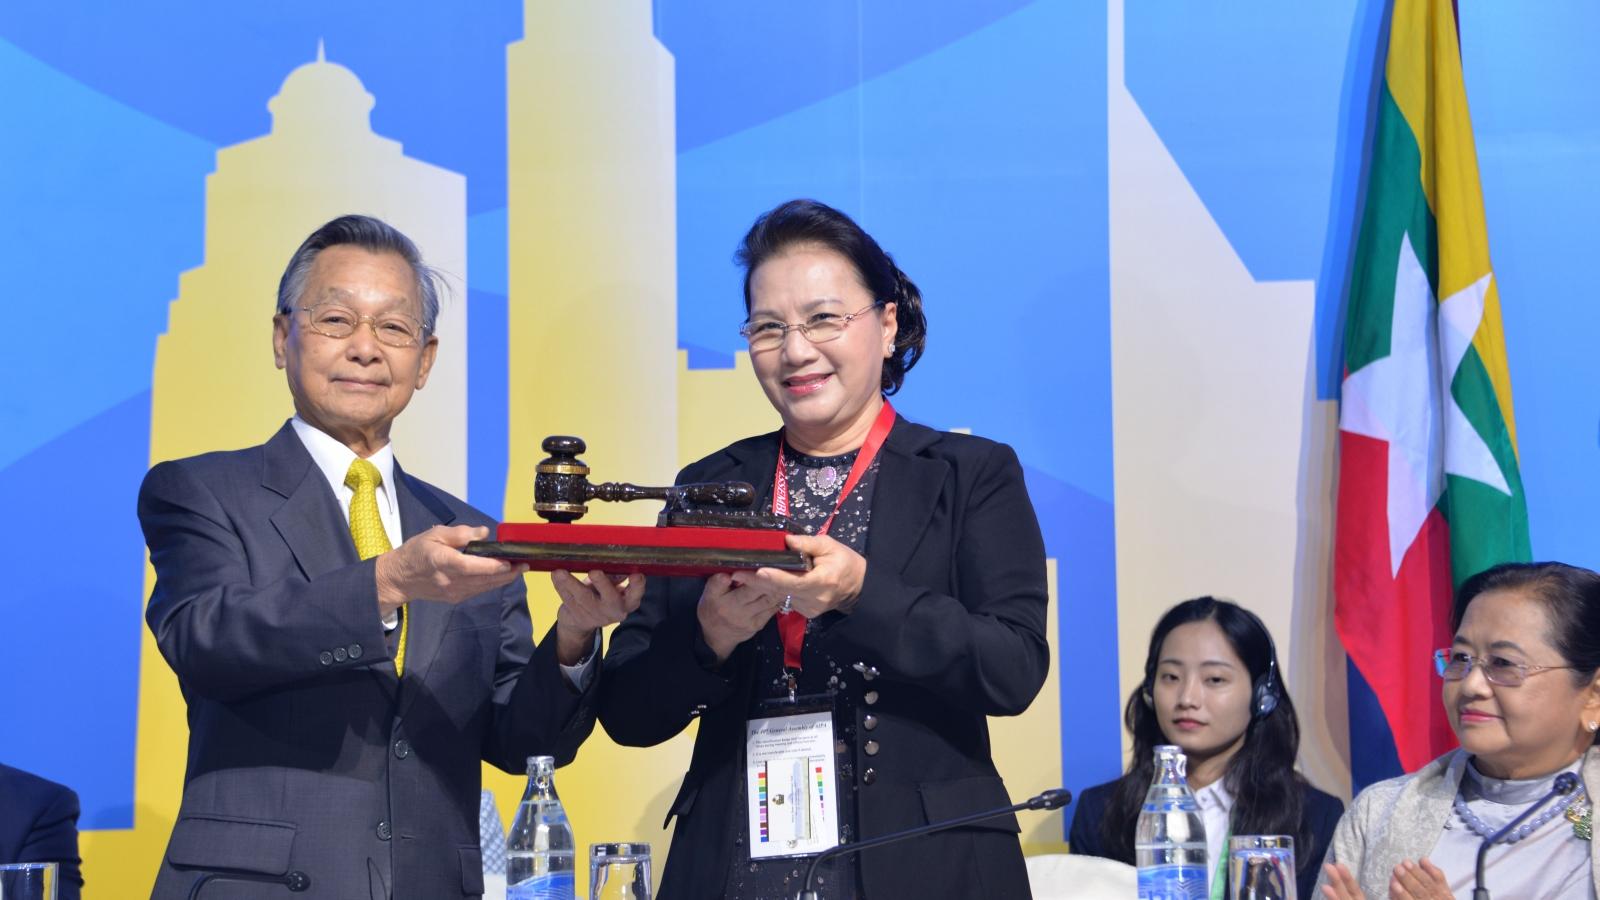 Đại hội đồng AIPA lần thứ 41:  Ngoại giao nghị viện vì Cộng đồng ASEANgắn kết và chủ động thích ứng